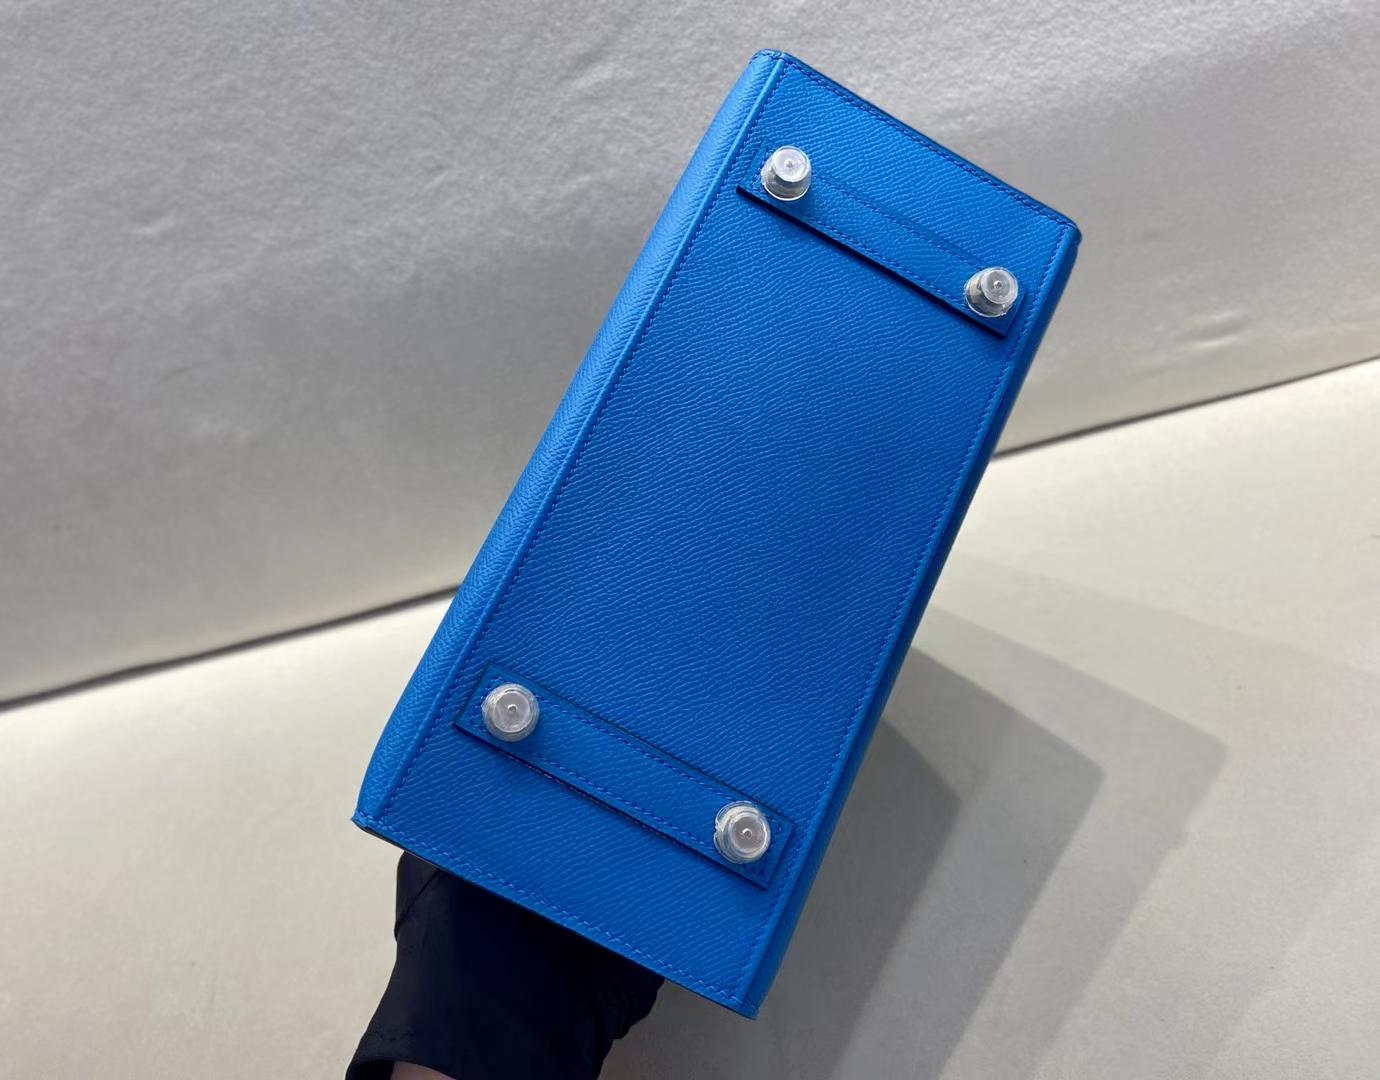 Hermès(爱马仕)birkin 铂金包 epsom皮 0F 弗里达蓝 银扣 25cm 顶级纯手工